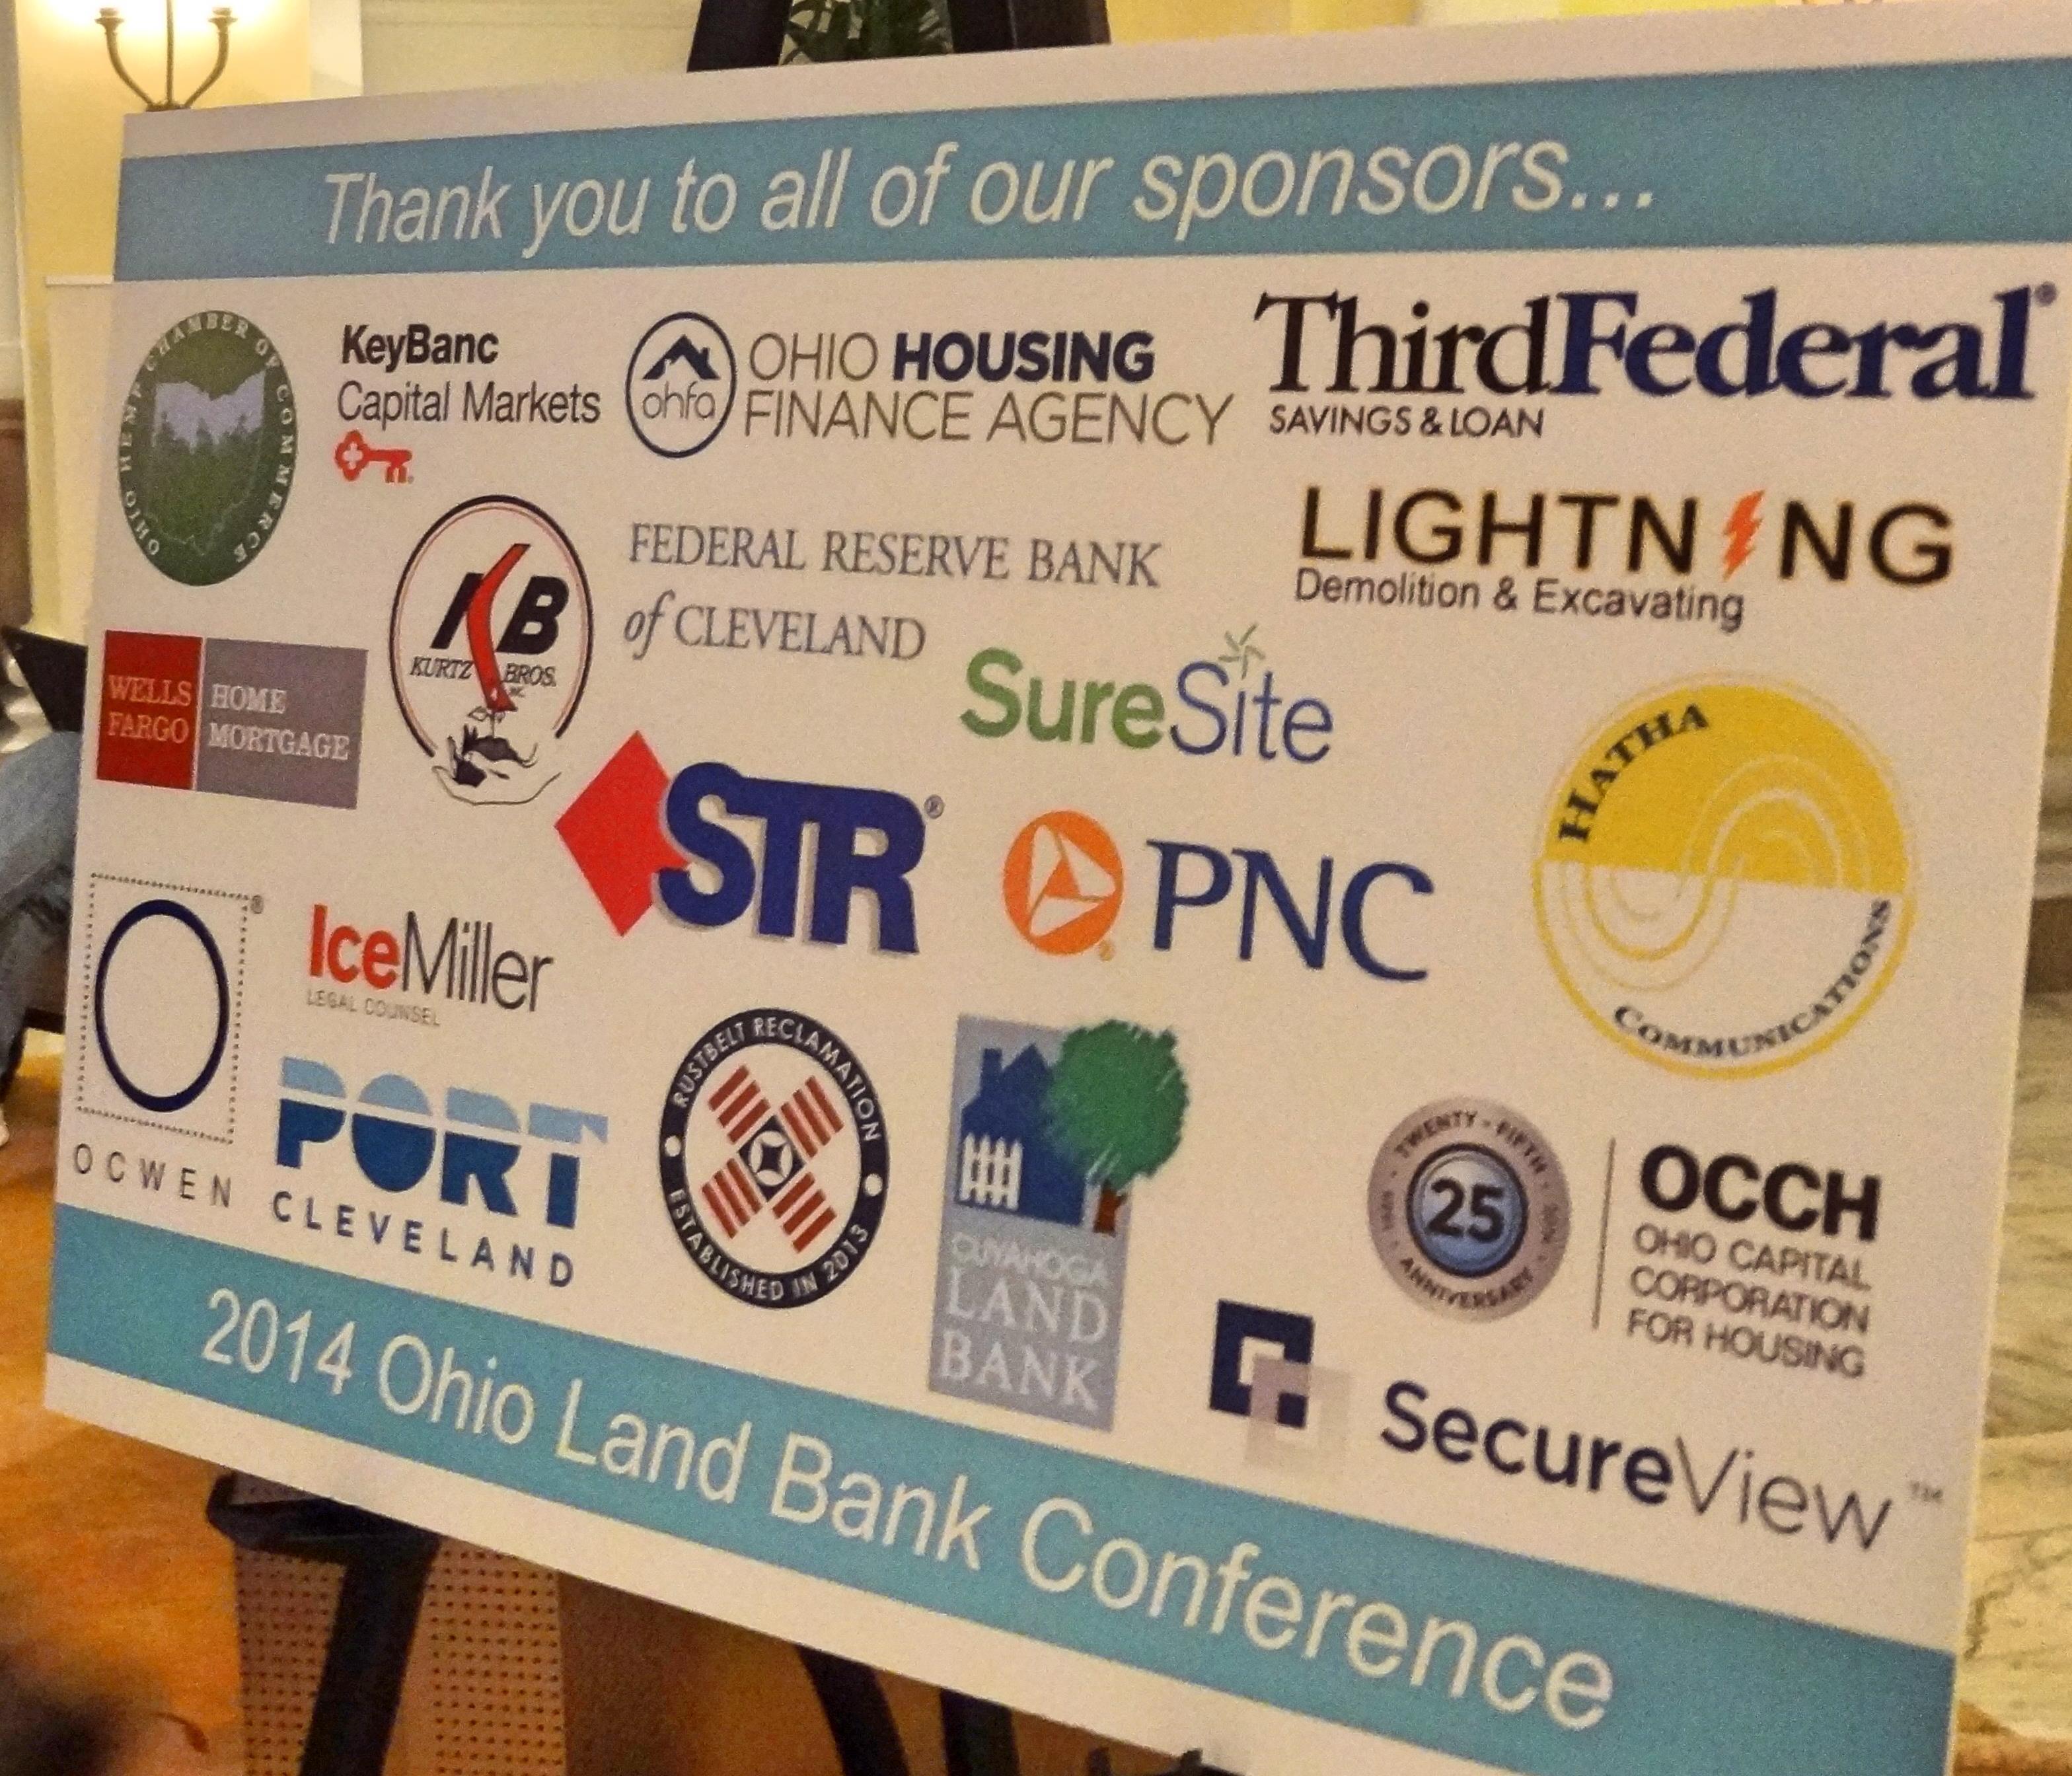 Land Bank Conference Sponsors